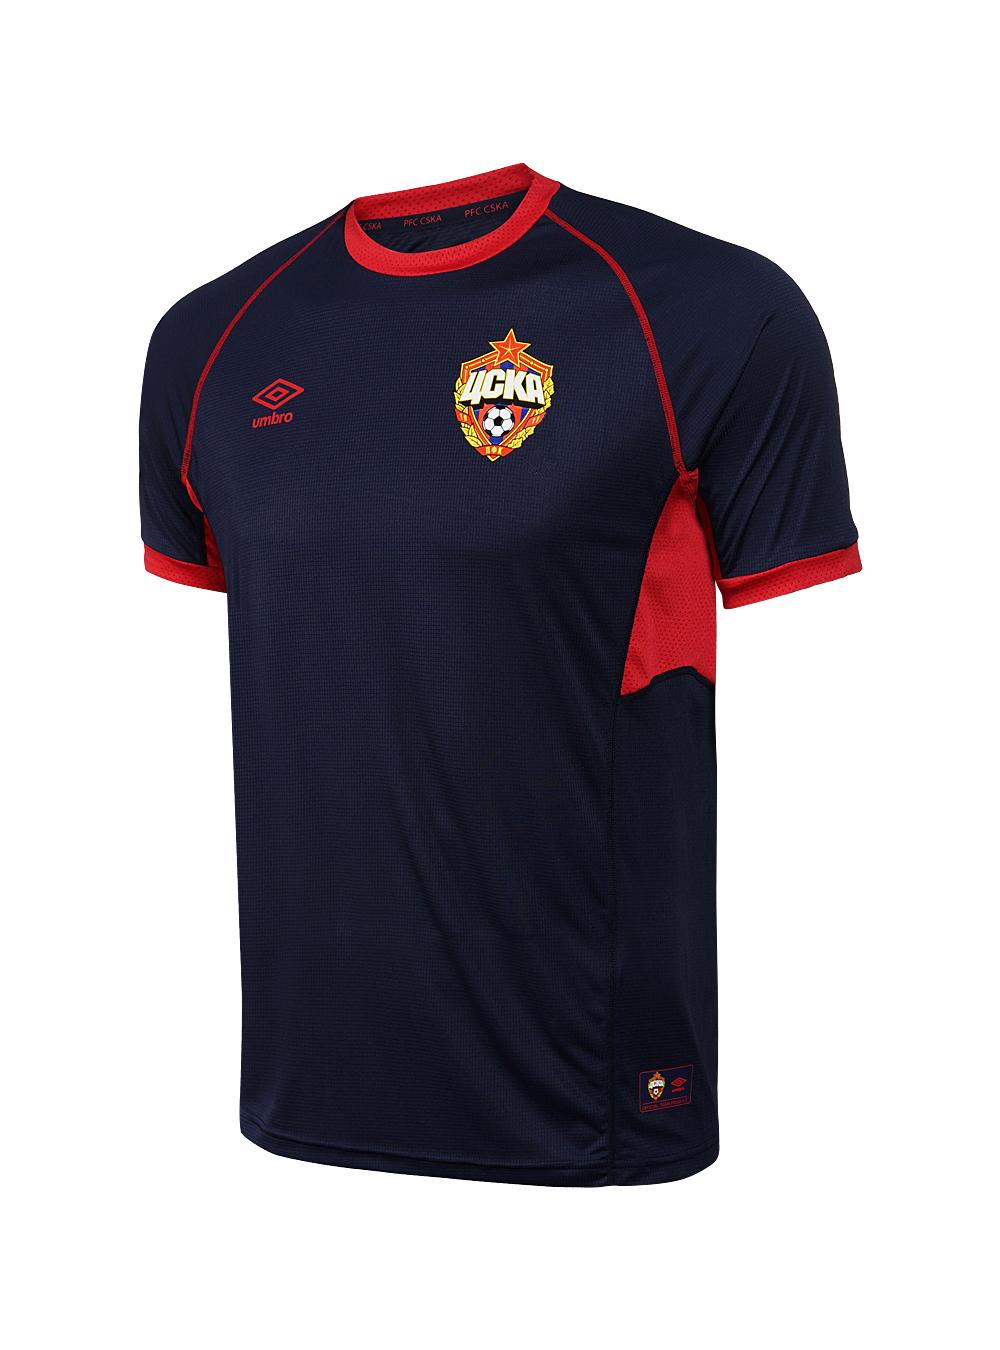 Купить Футболка тренировочная синяя (M) по Нижнему Новгороду